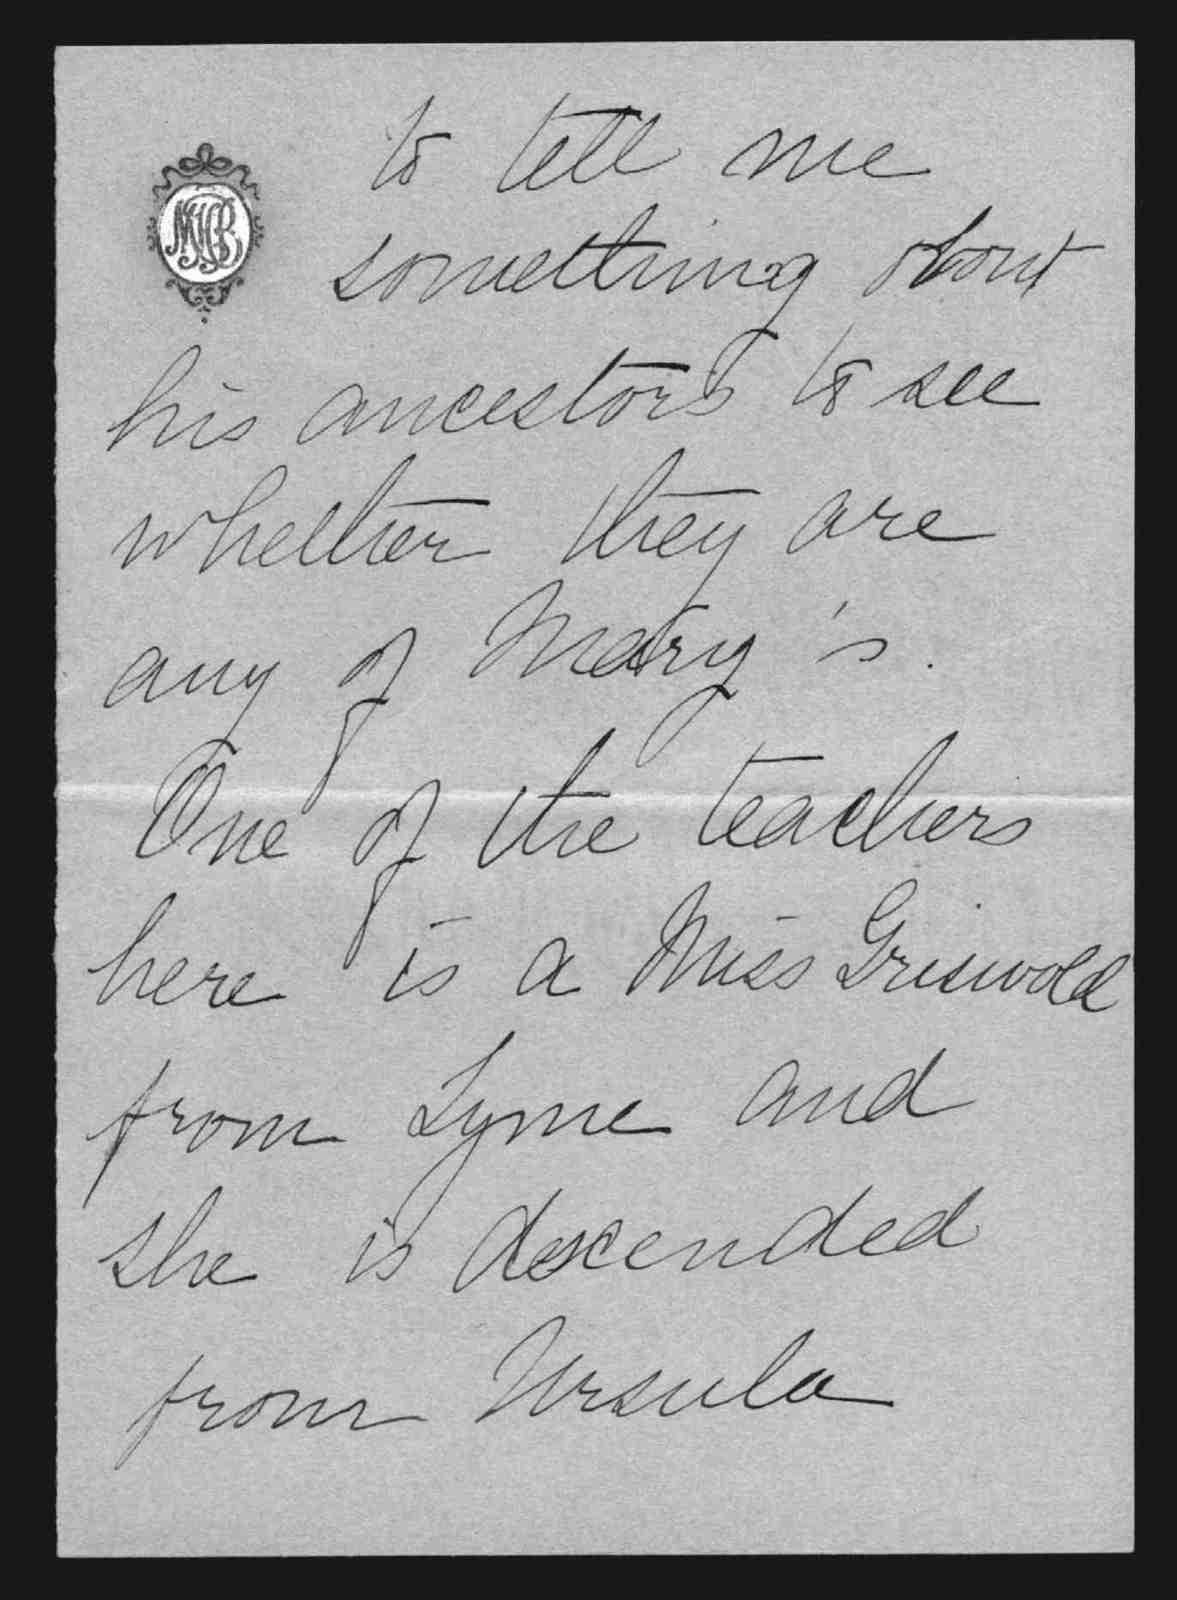 Letter from Marian Bell Fairchild to Alexander Graham Bell, from November 15, 1896 to November 22, 1896